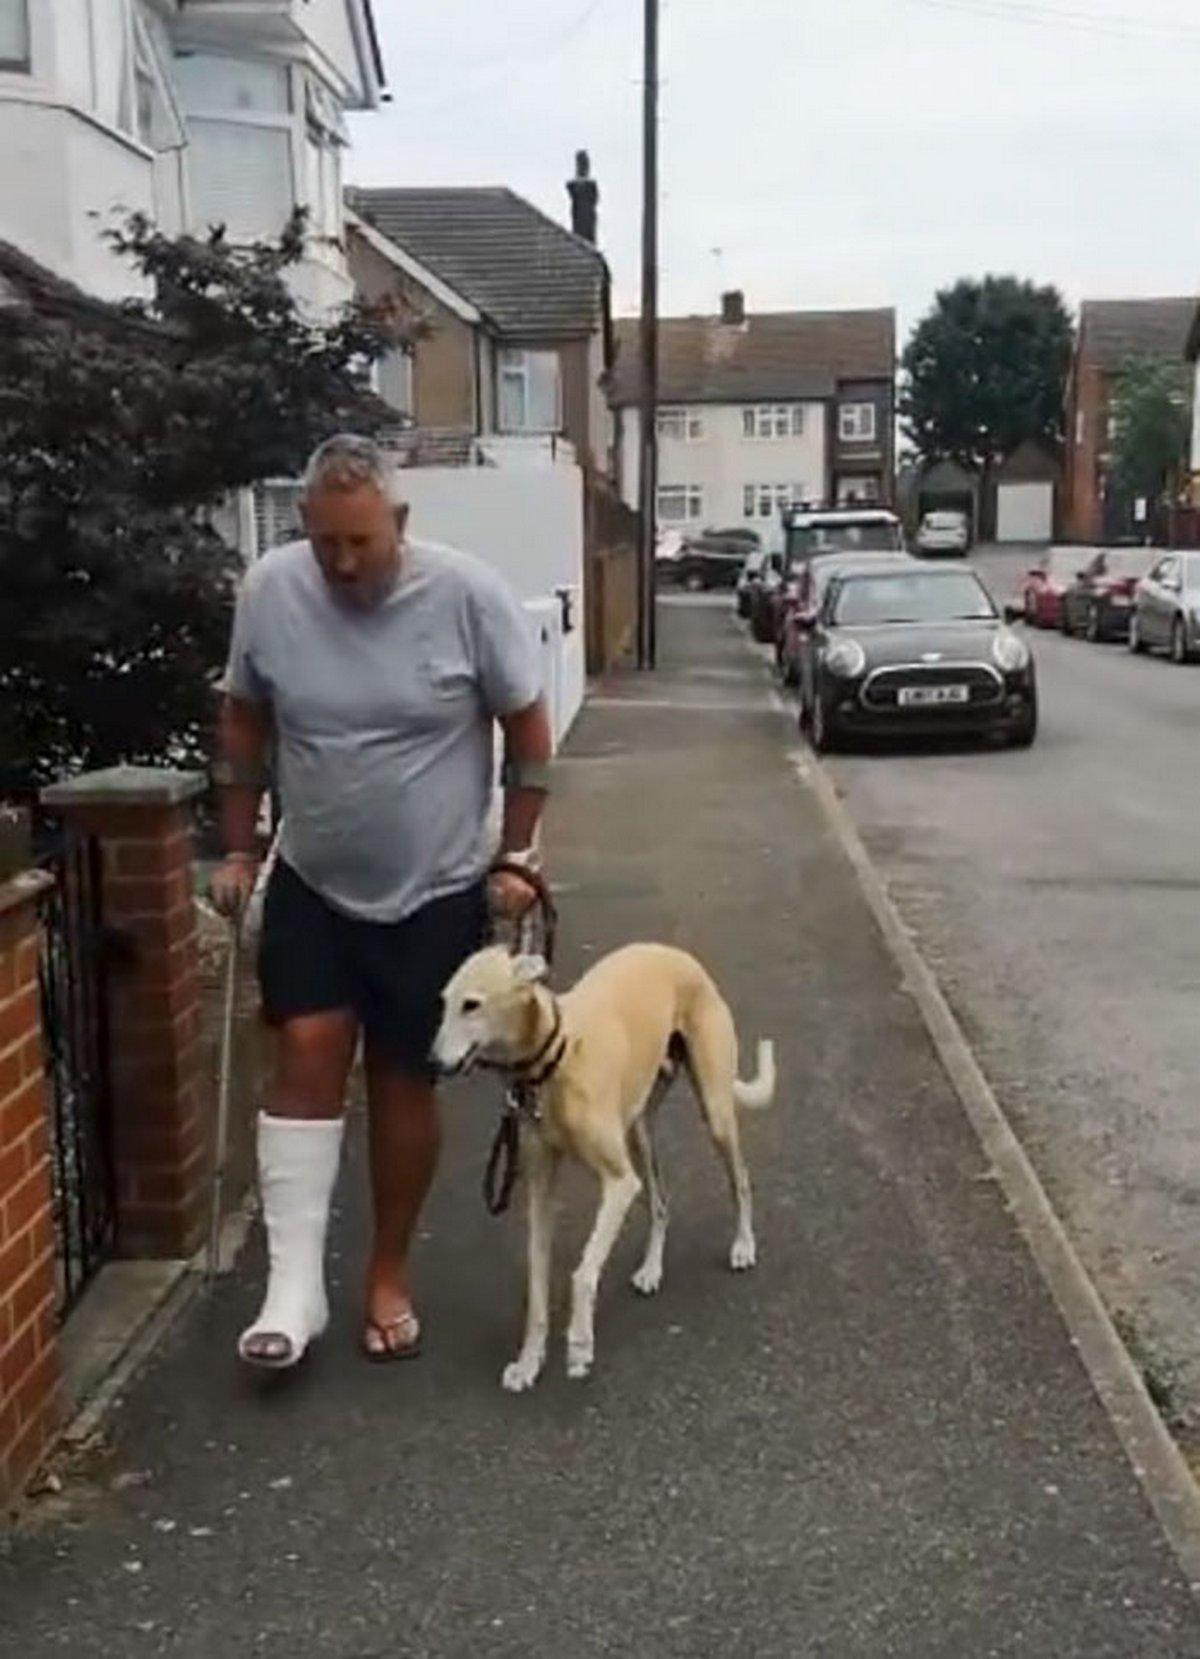 Le propriétaire d'un chien blessé dépense 340€ en frais de vétérinaire pour son chien boiteux, mais découvre qu'il l'imite simplement par sympathie